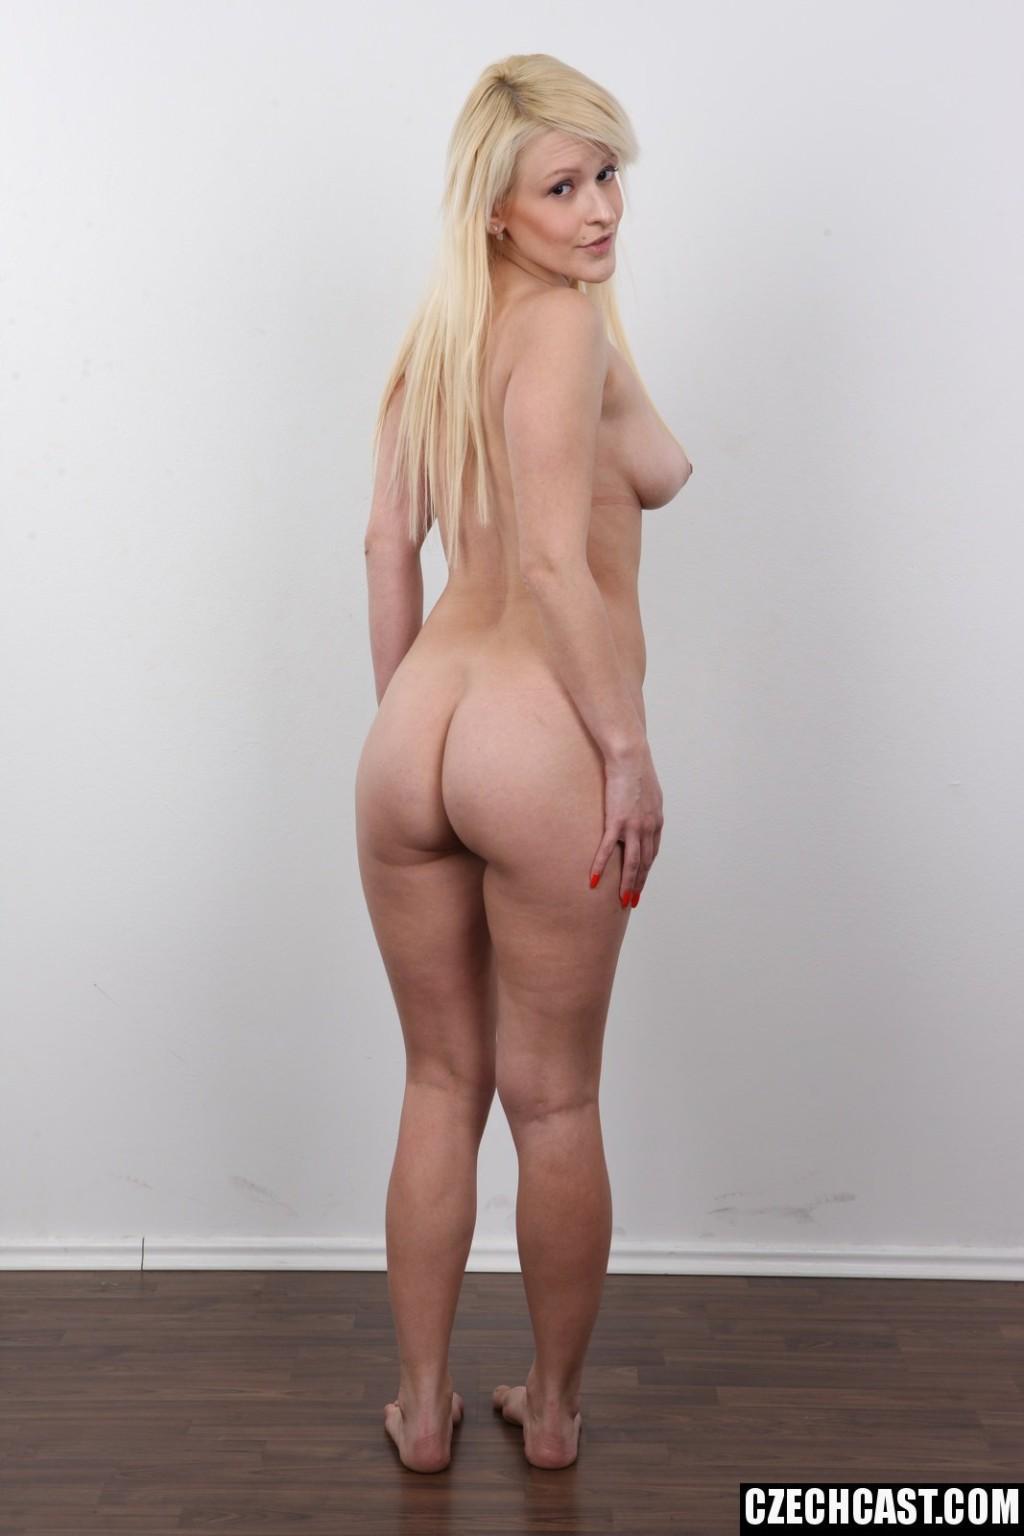 Блондинка полностью голая позирует на кастинге